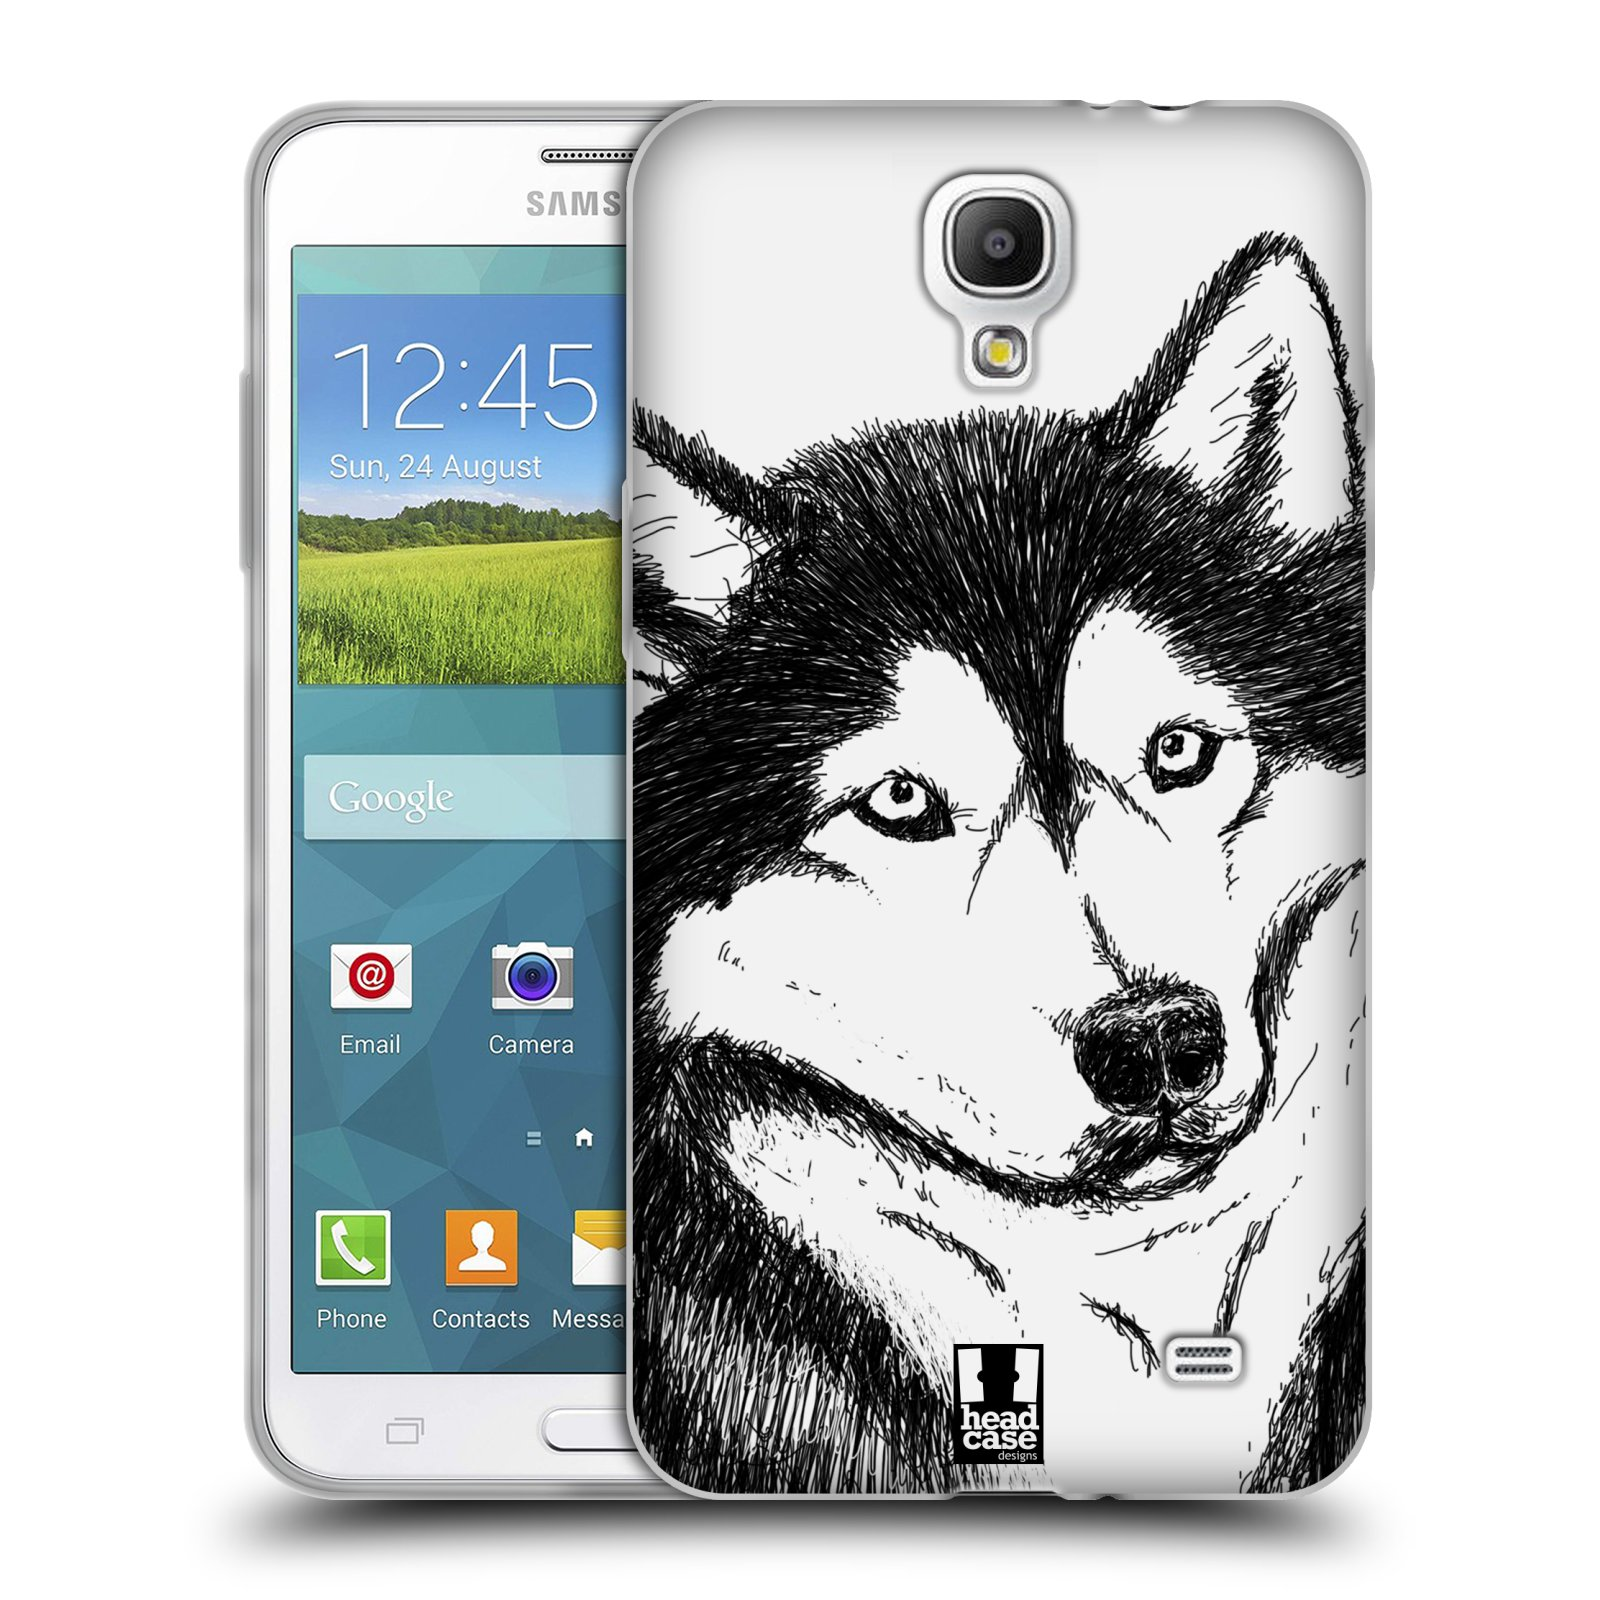 HEAD CASE silikonový obal na mobil Samsung Galaxy Mega 2 vzor Kreslená zvířátka černá a bílá pes husky